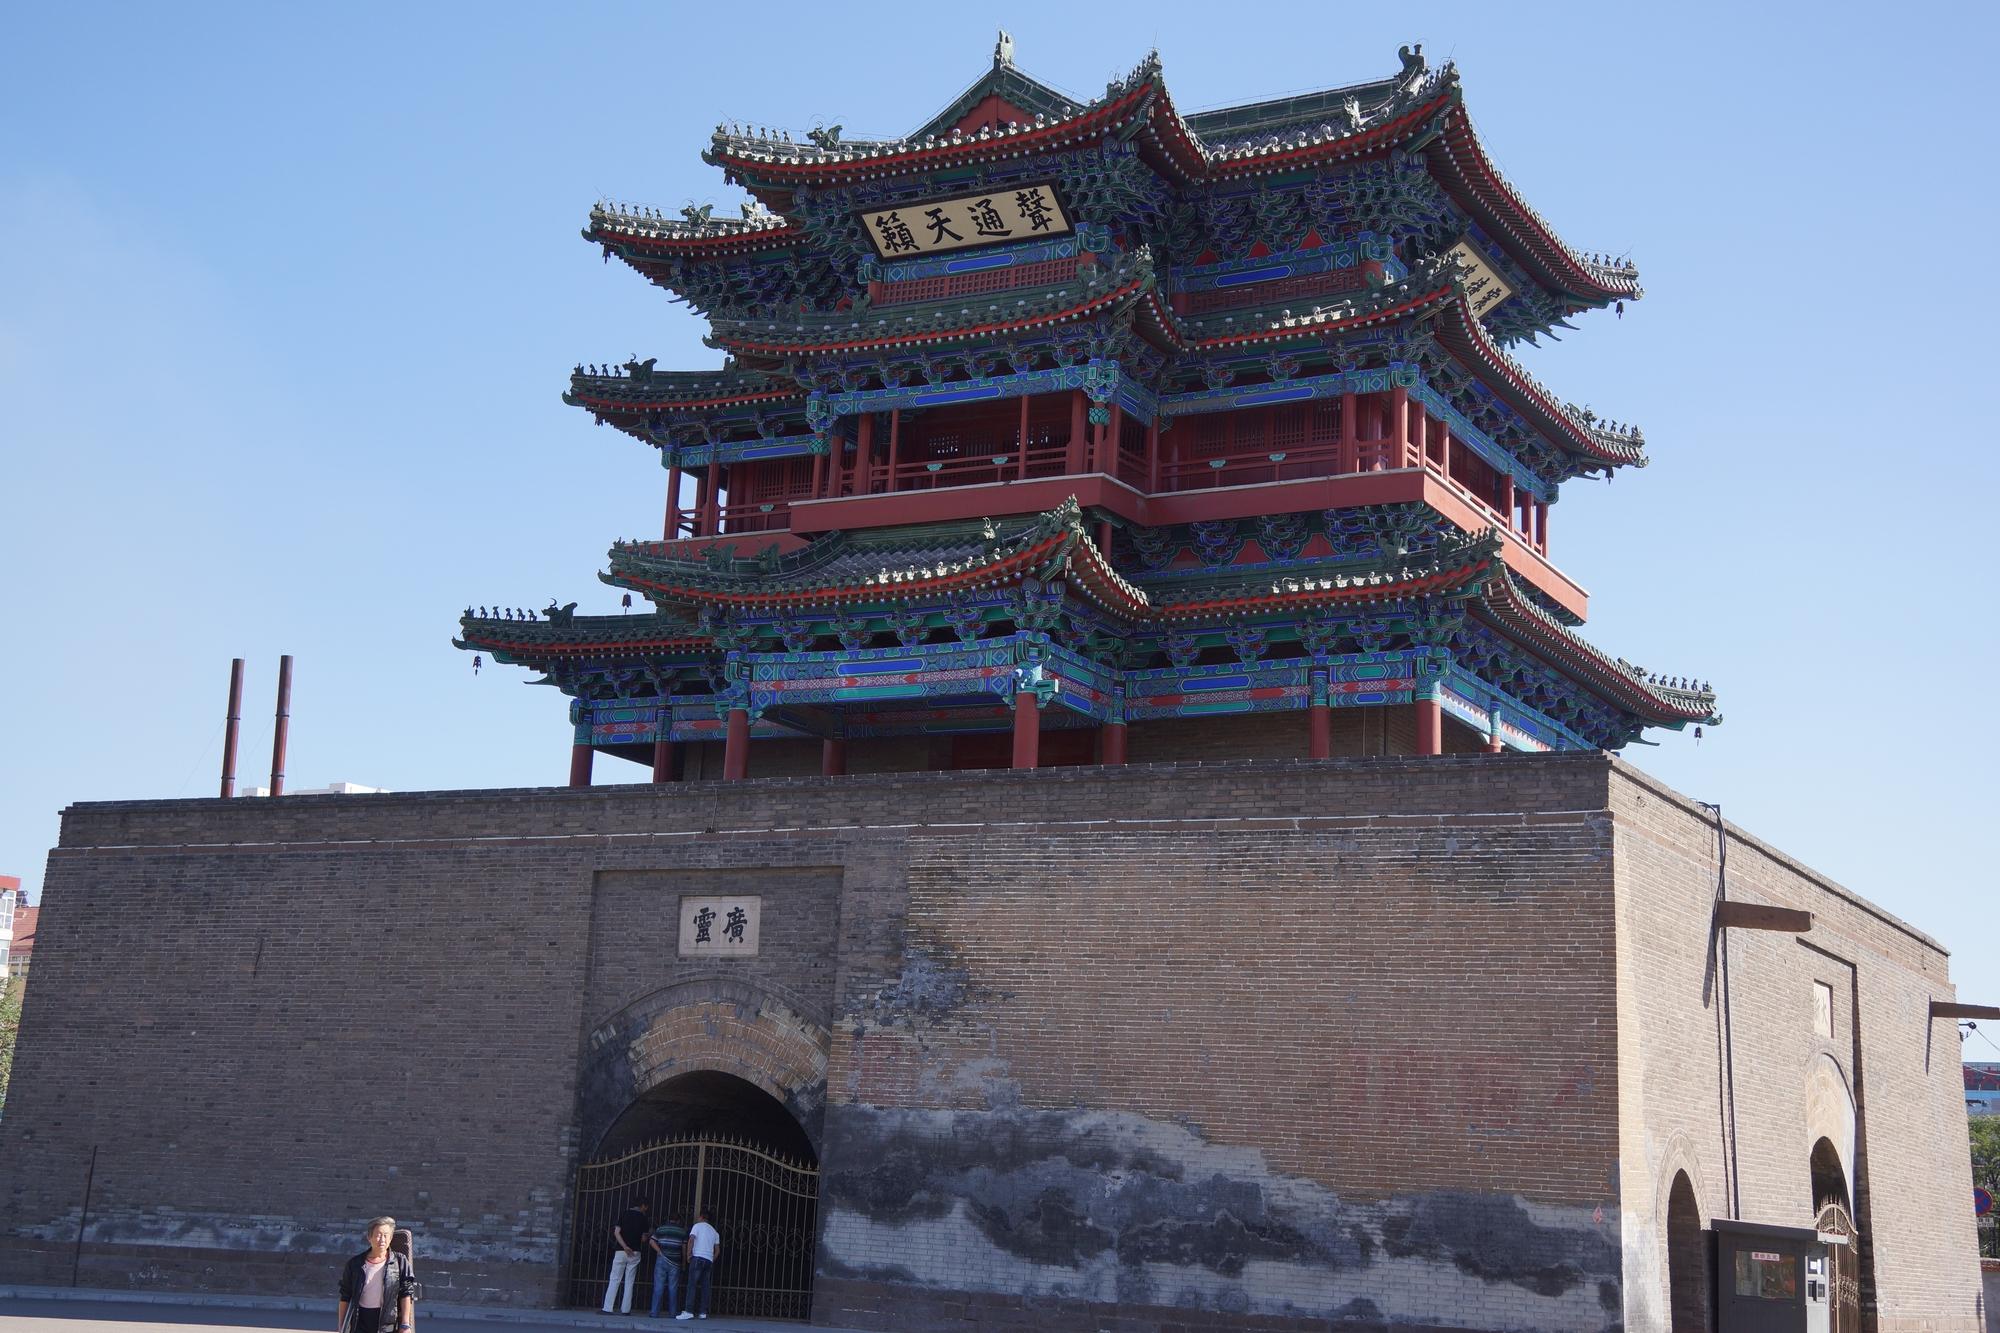 【i旅行】北京偏北,迷失的塞外古城池